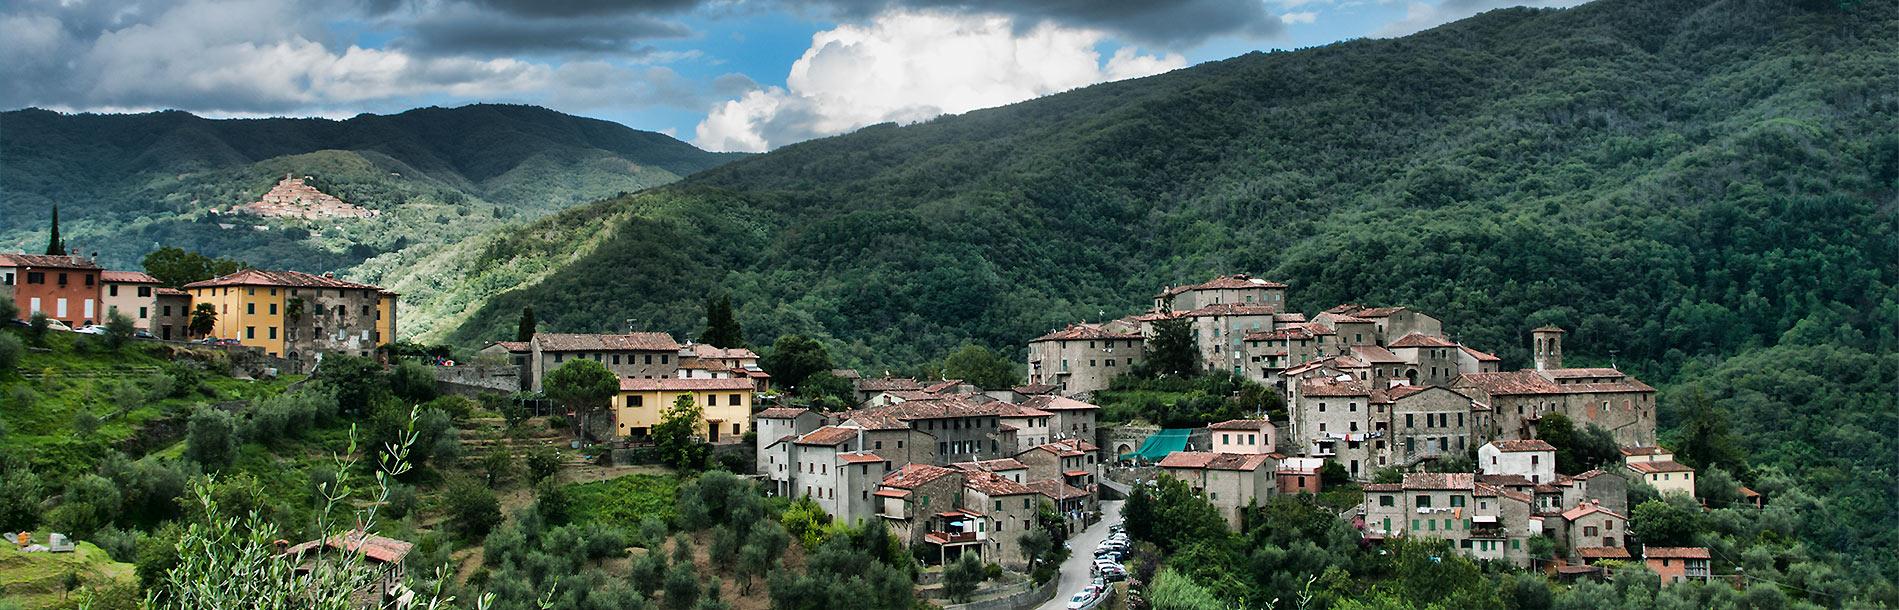 Castelvecchio Village